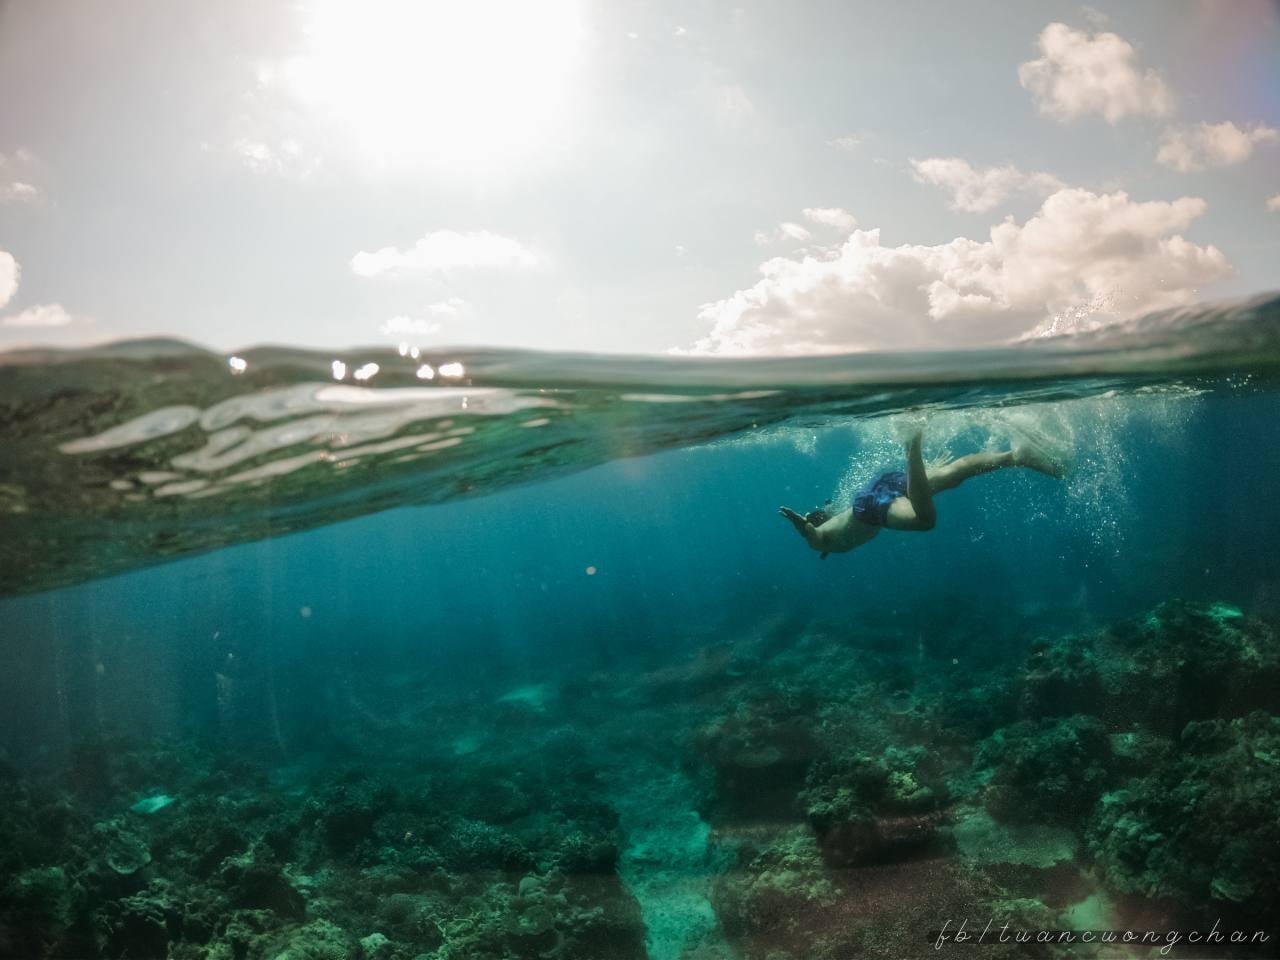 Đi du lịch đảo Phú Quý mùa nào đẹp?